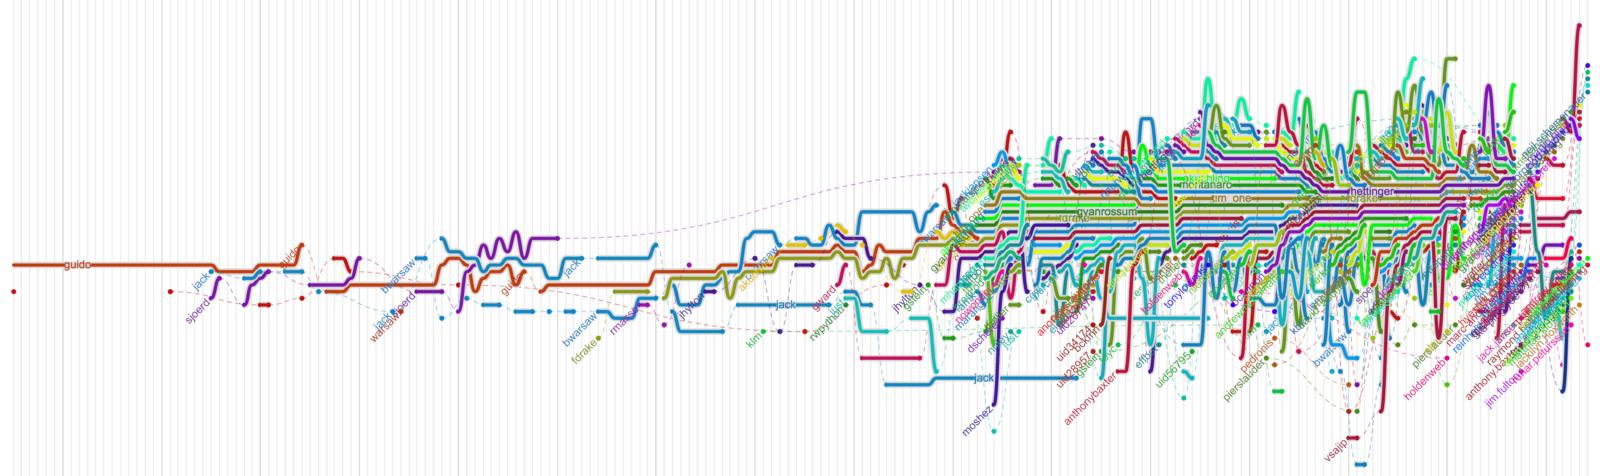 src/images/python-evolution.png